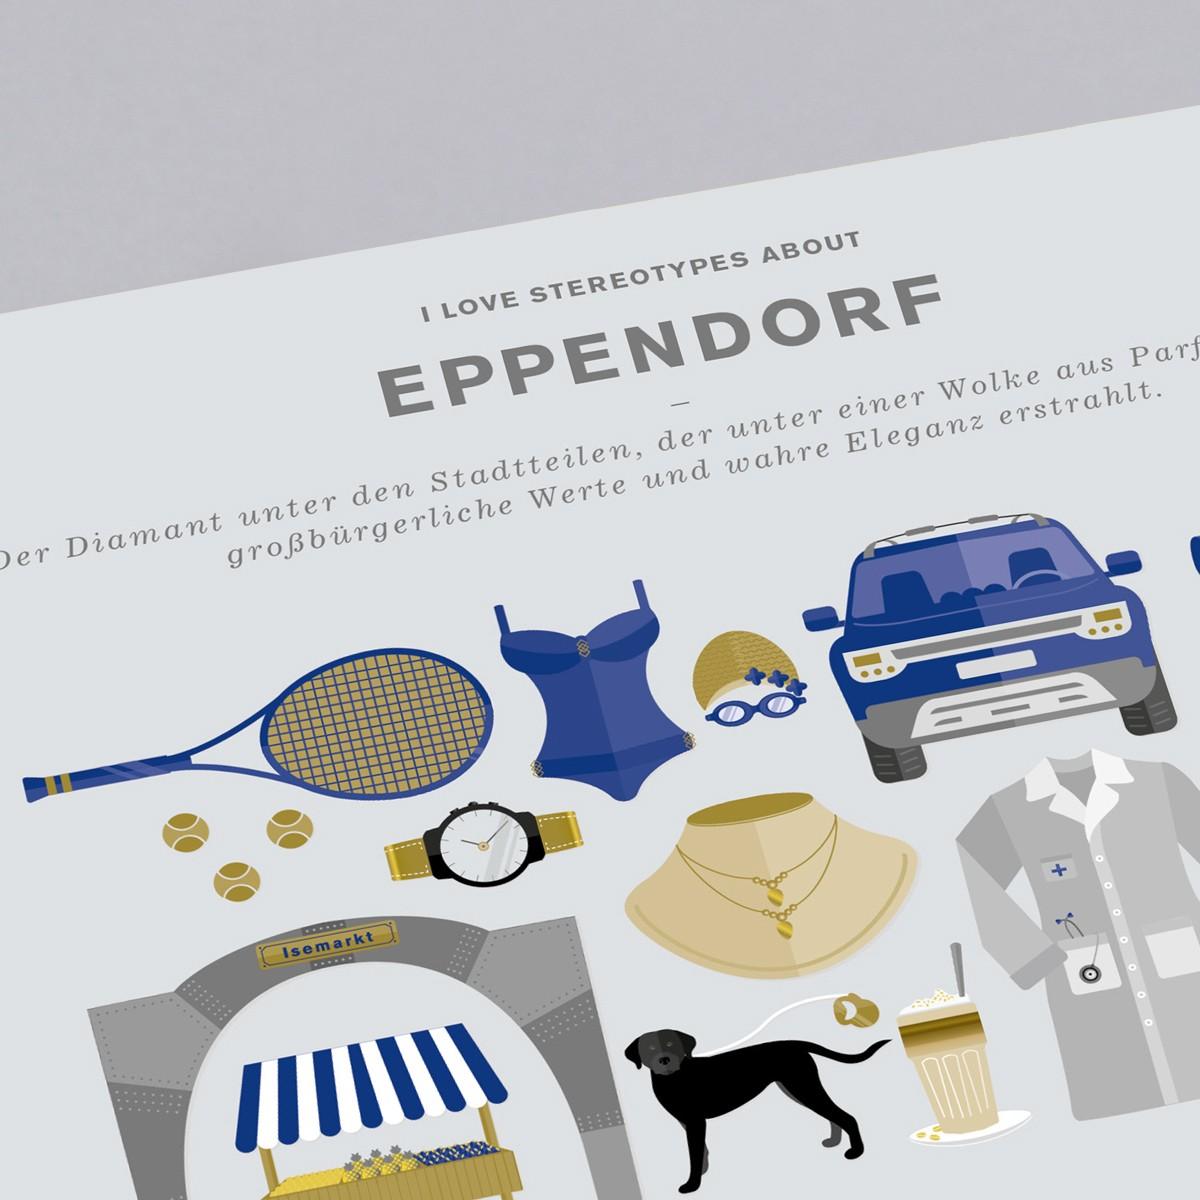 Bureau Bald Stadtteil Brettchen Eppendorf